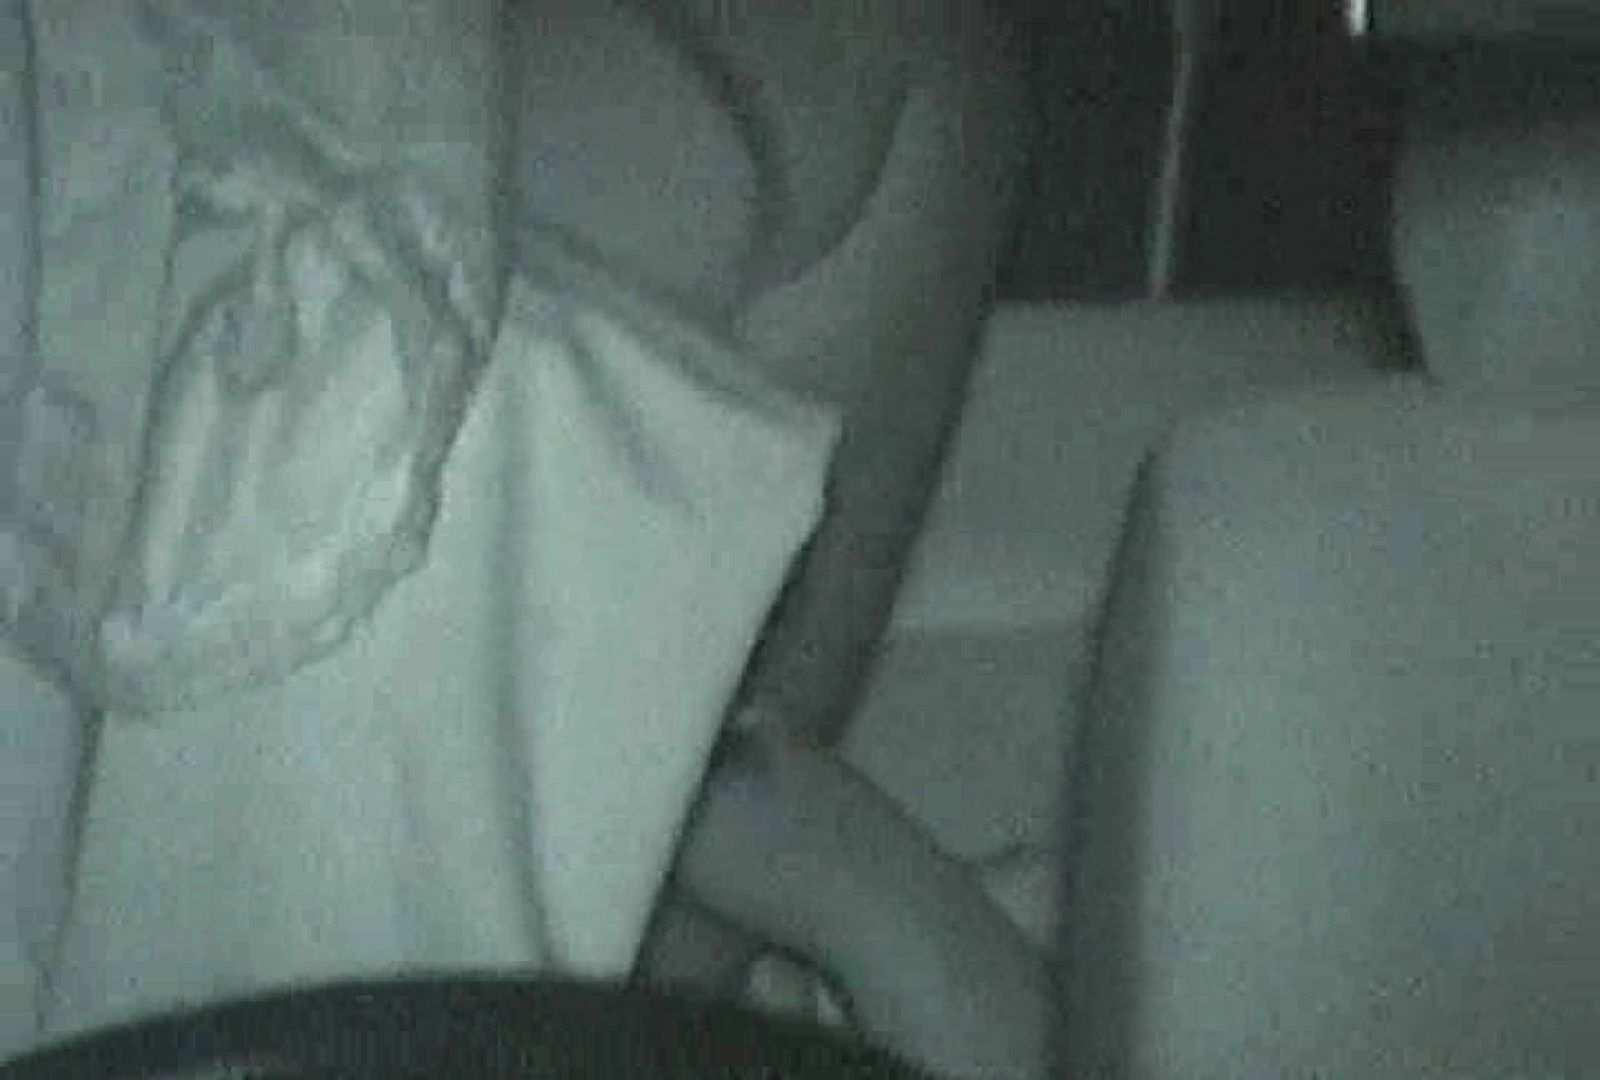 充血監督の深夜の運動会Vol.74 熟女の実態 盗撮戯れ無修正画像 96pic 17